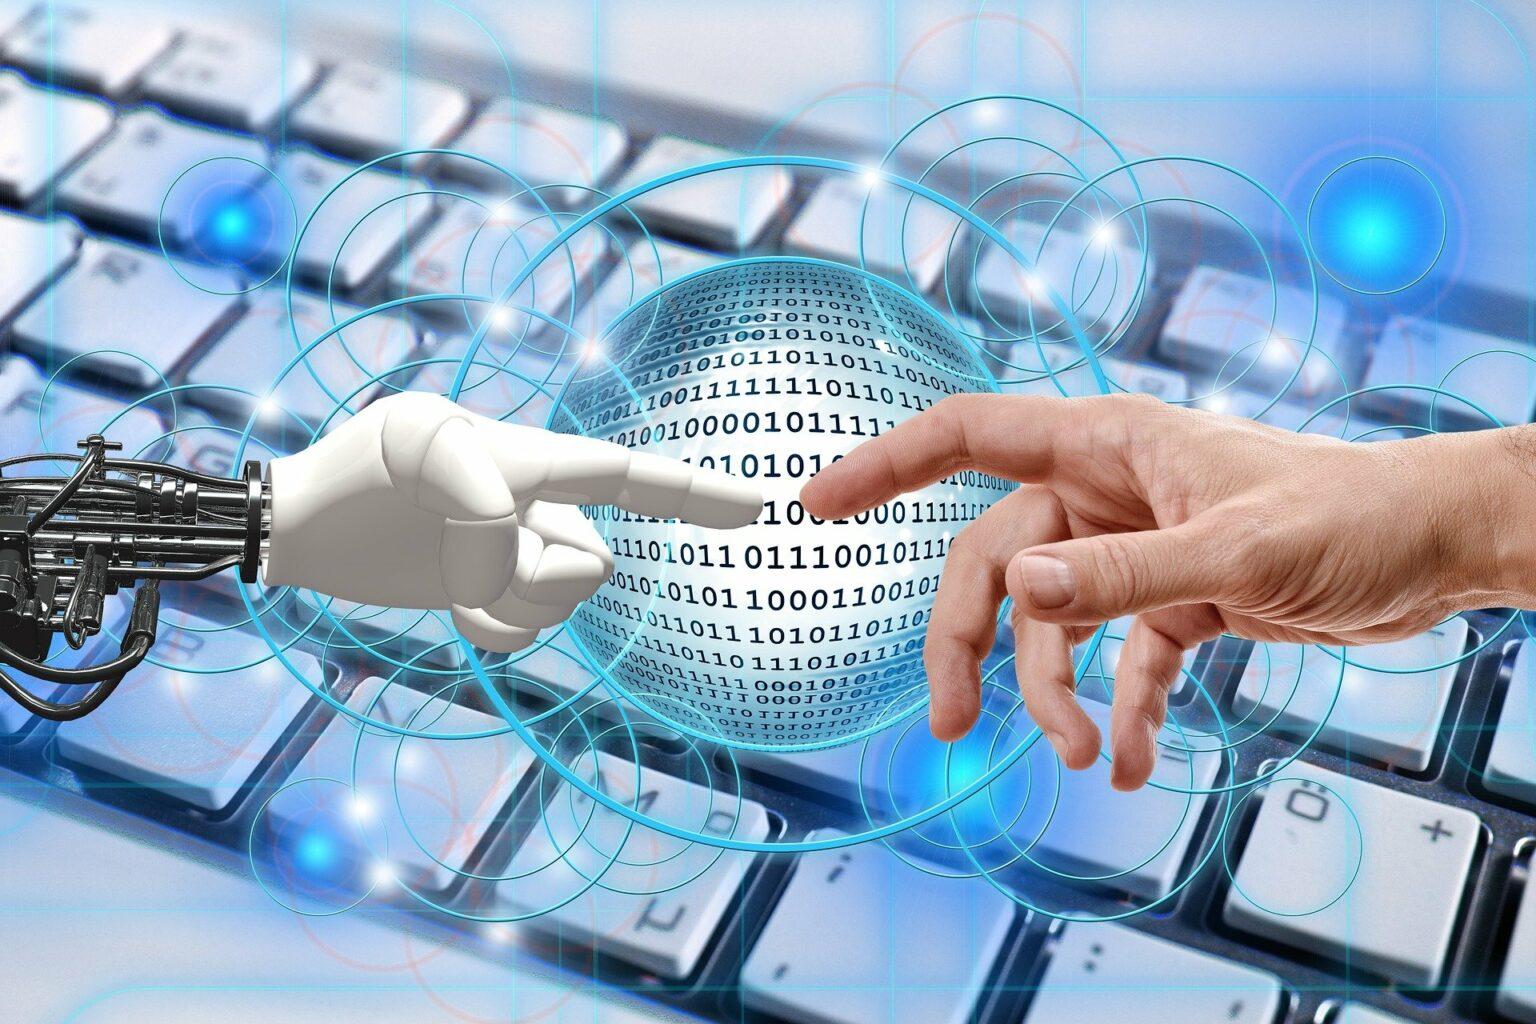 Vemos uma mão humana e a de um robô se tocando com o desenho de um teclado e códigos binários ao fundo (imagem ilustrativa).